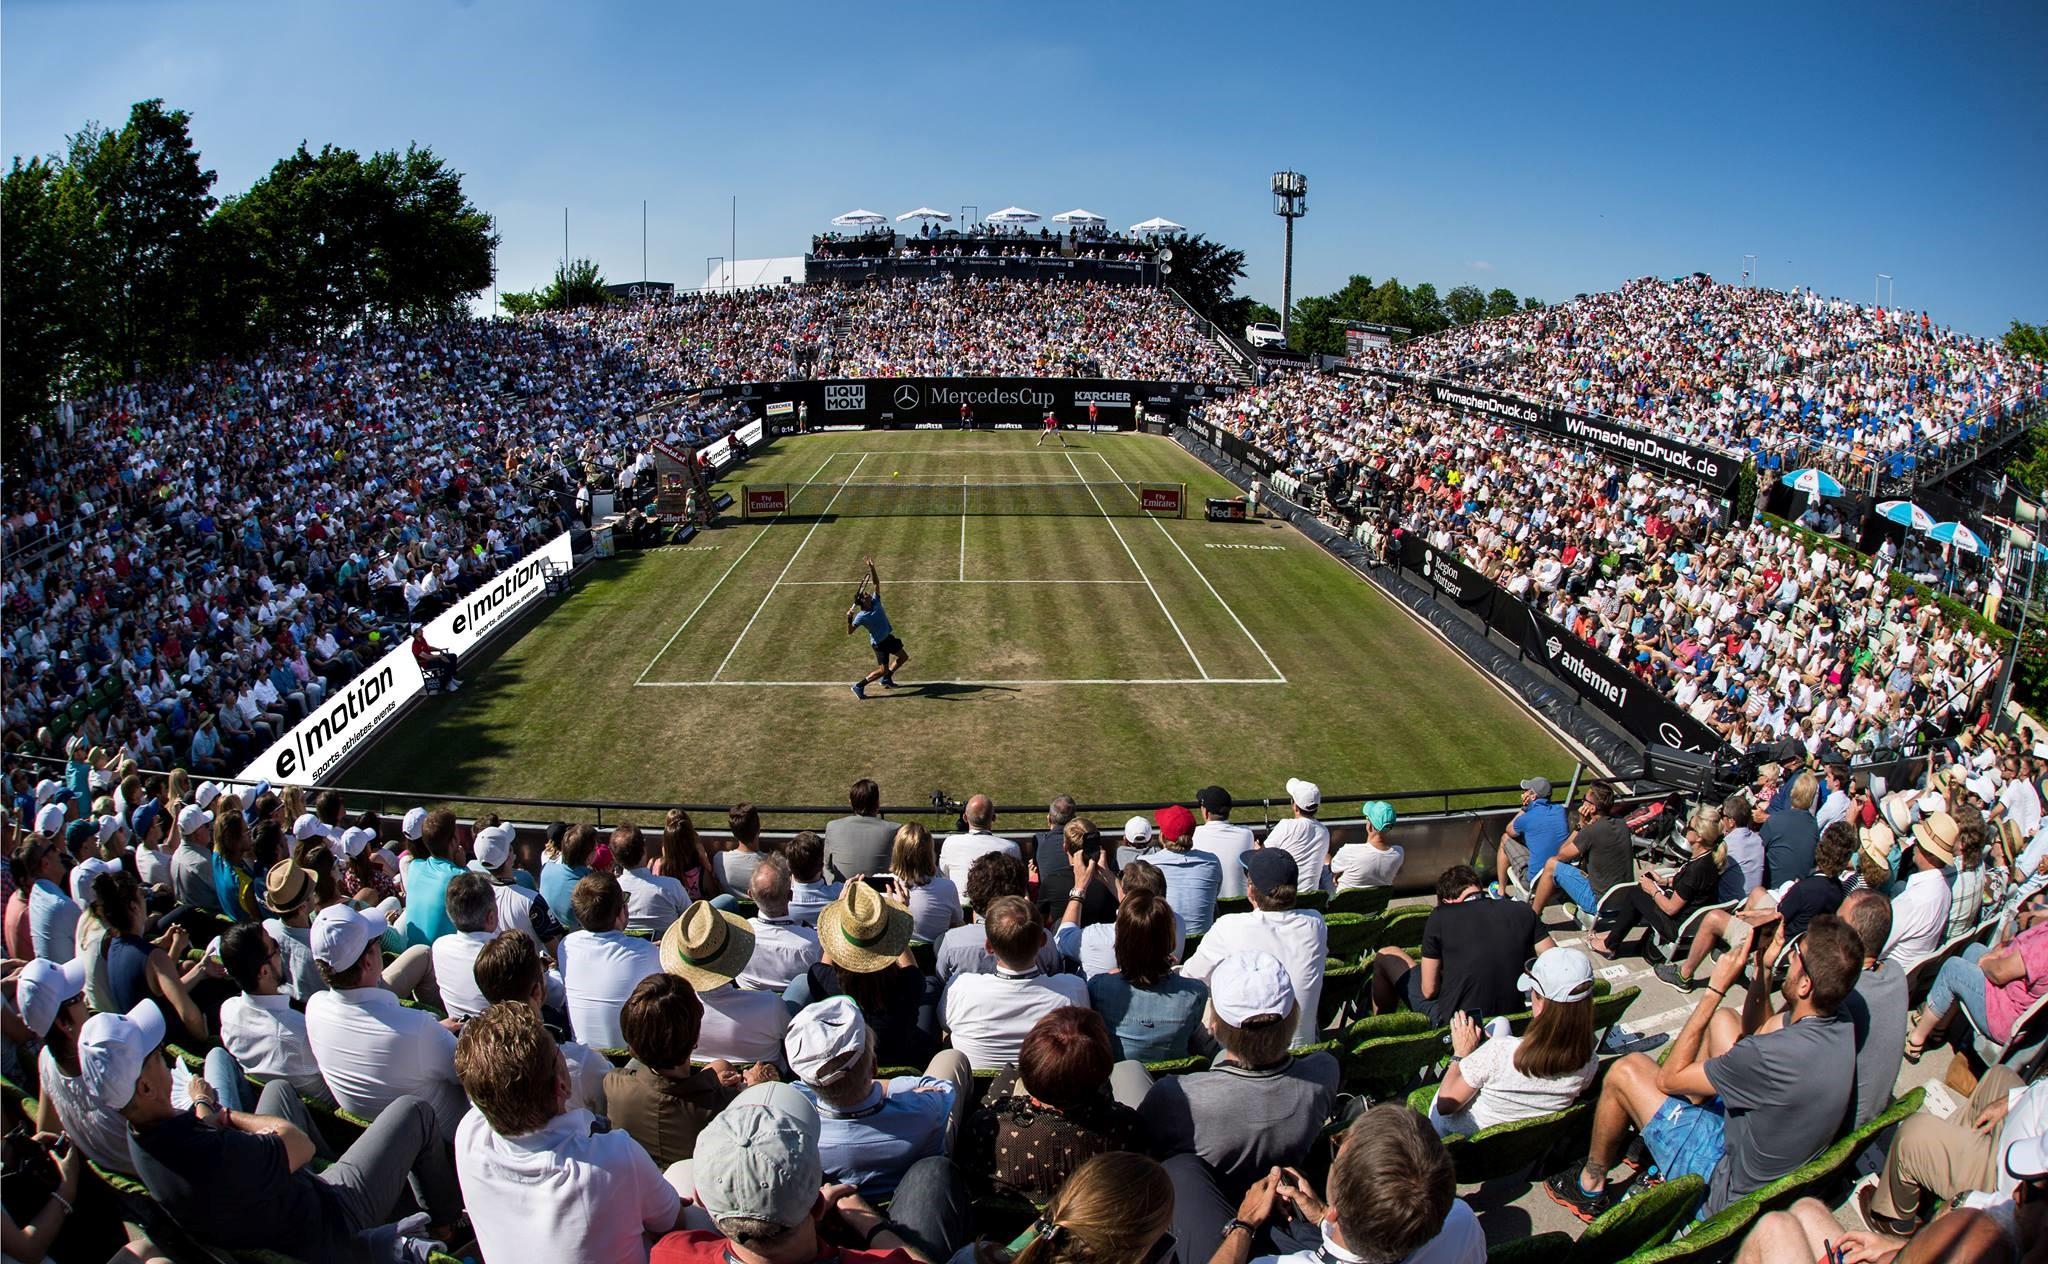 Beim MercedesCup 2018 startet die internationale Tennis-Elite in die neue Rasensaison